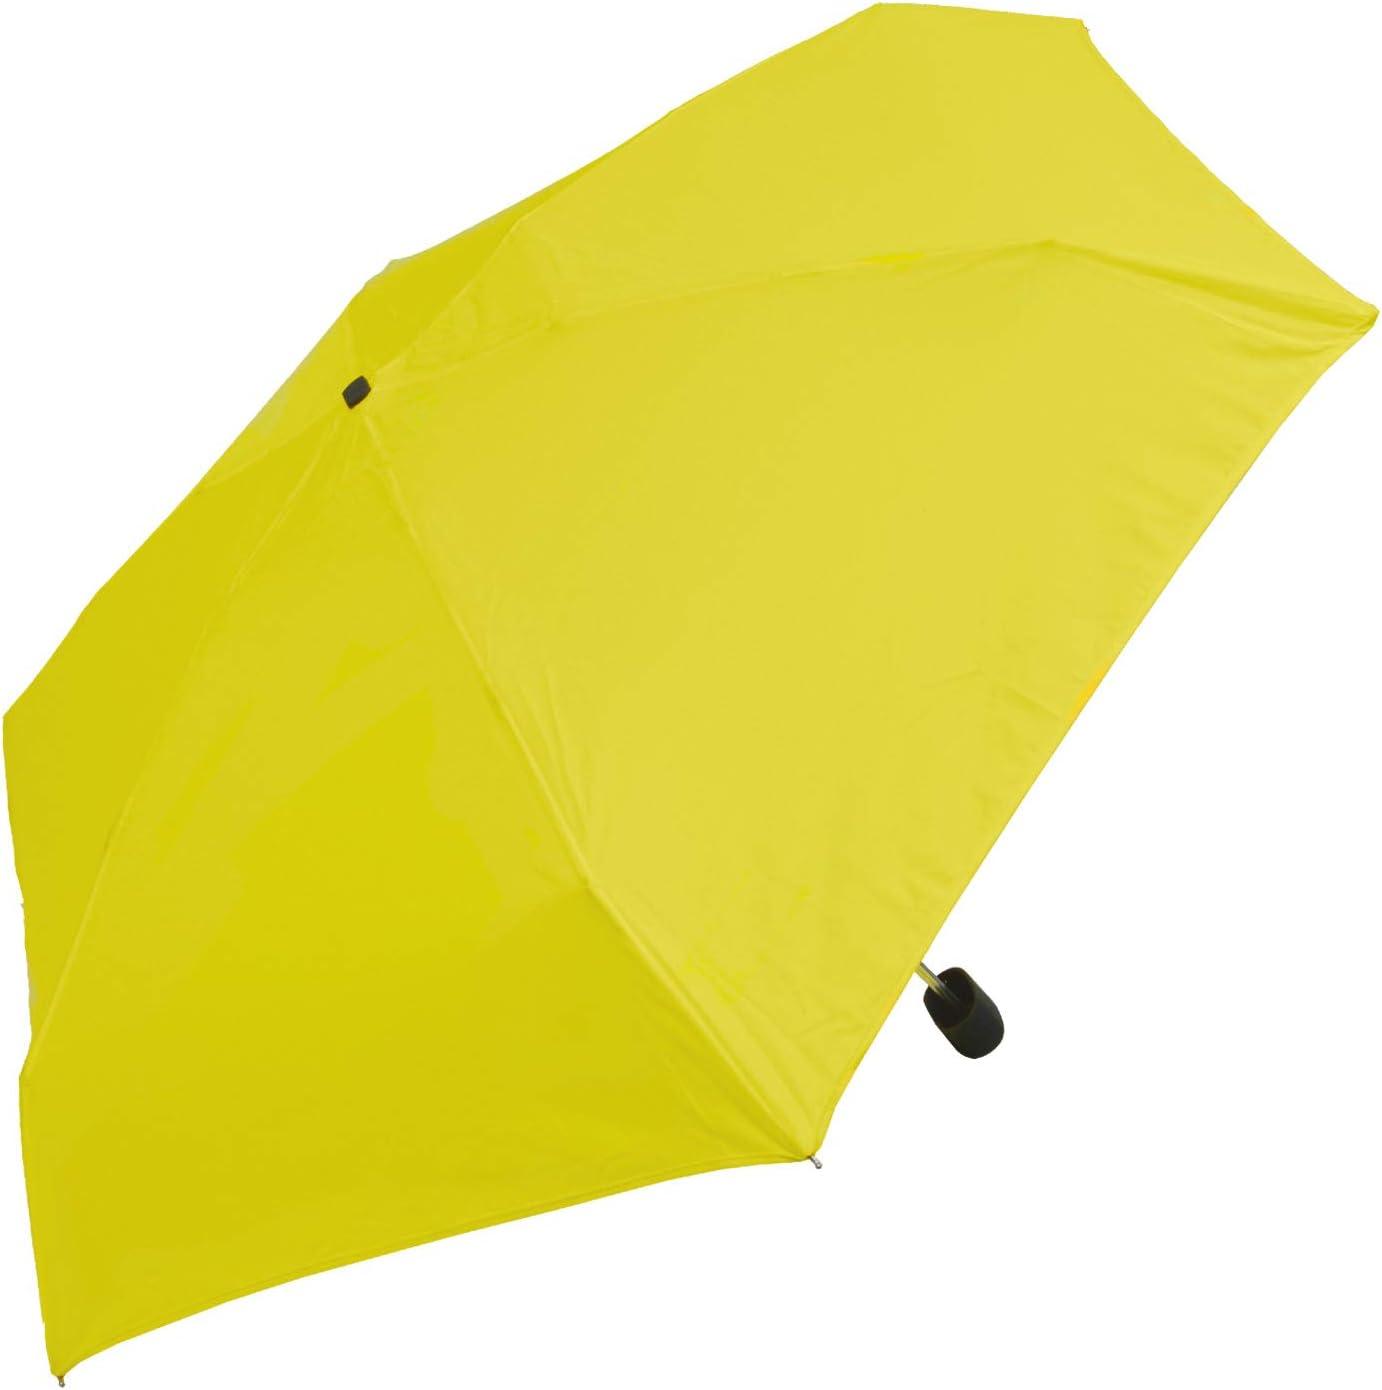 Super mini parapluie de poche/iX-brella dans un /étui baie 18,5 cm